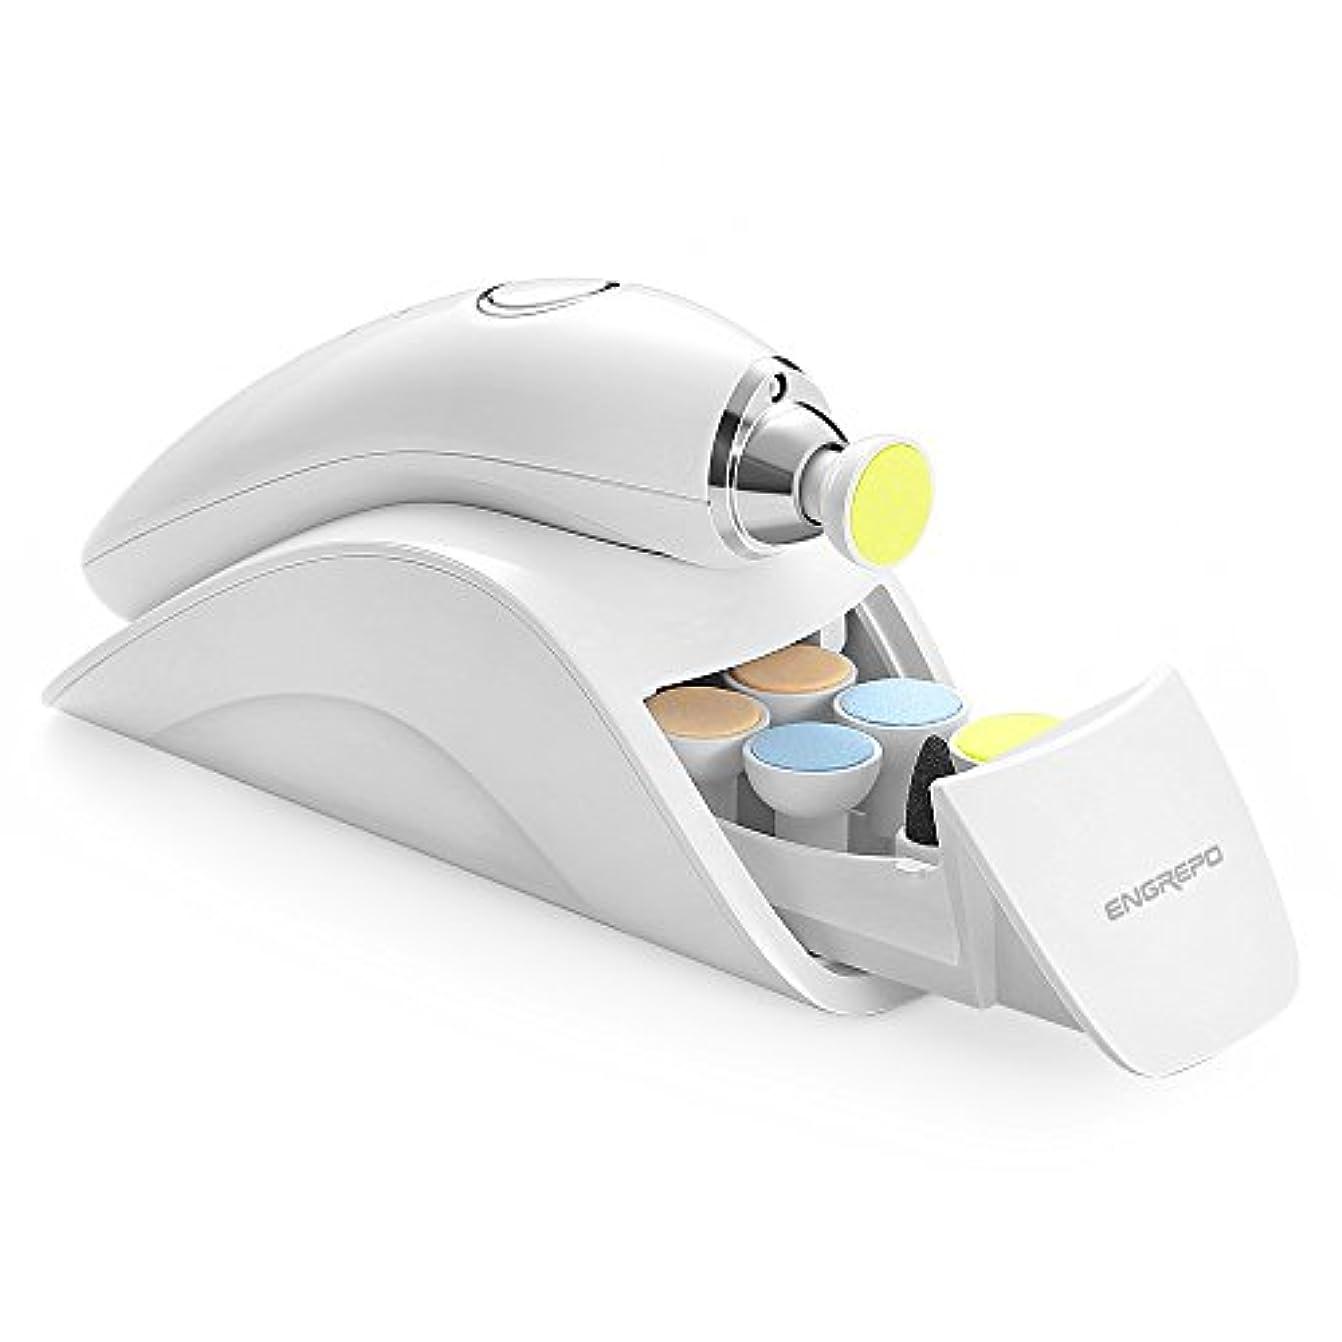 枯れる偽装するサロンENGREPO ベビーレーベル ネイルケアセット レーベル ホワイト(新生児~対象) ママにも使えるネイルケア(4種類の磨きヘッド、超低デシベル、3速ギア、LEDフィルインライト)円弧充電ベース隠し収納ボックス付き